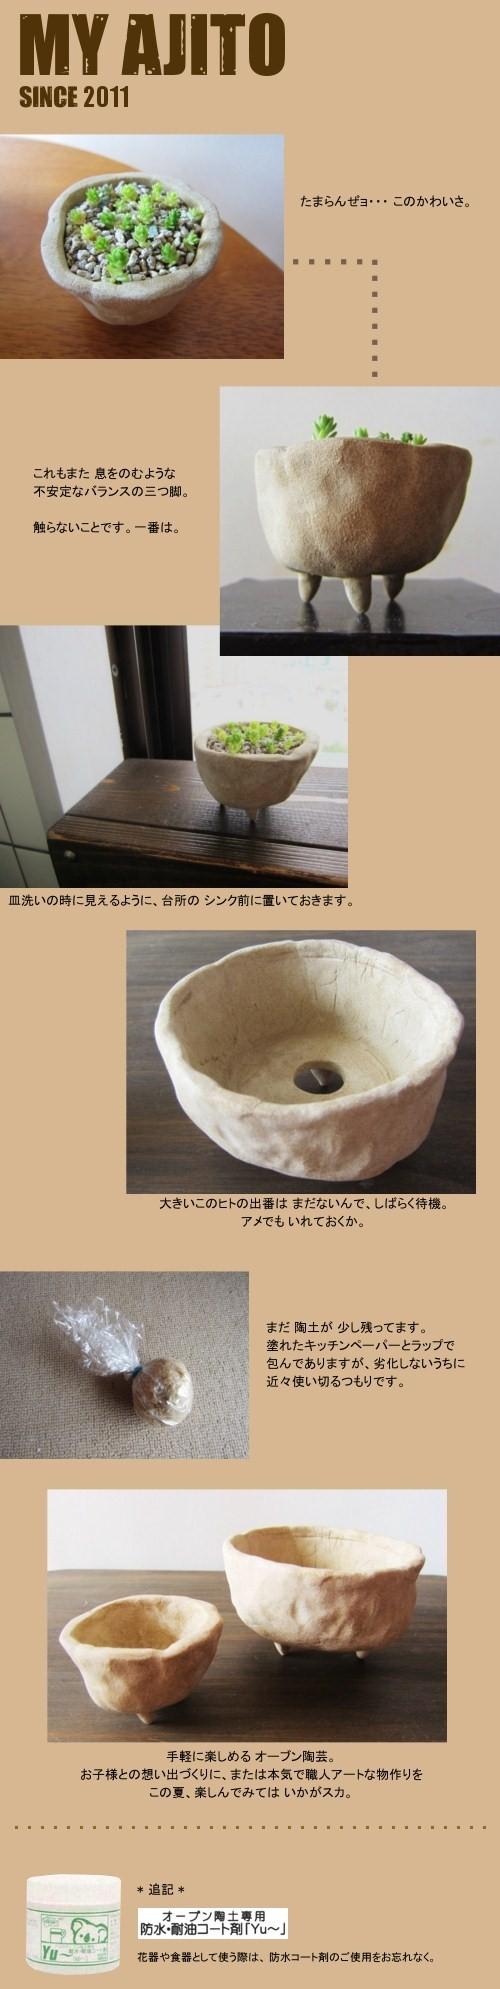 YAKI_005.jpg